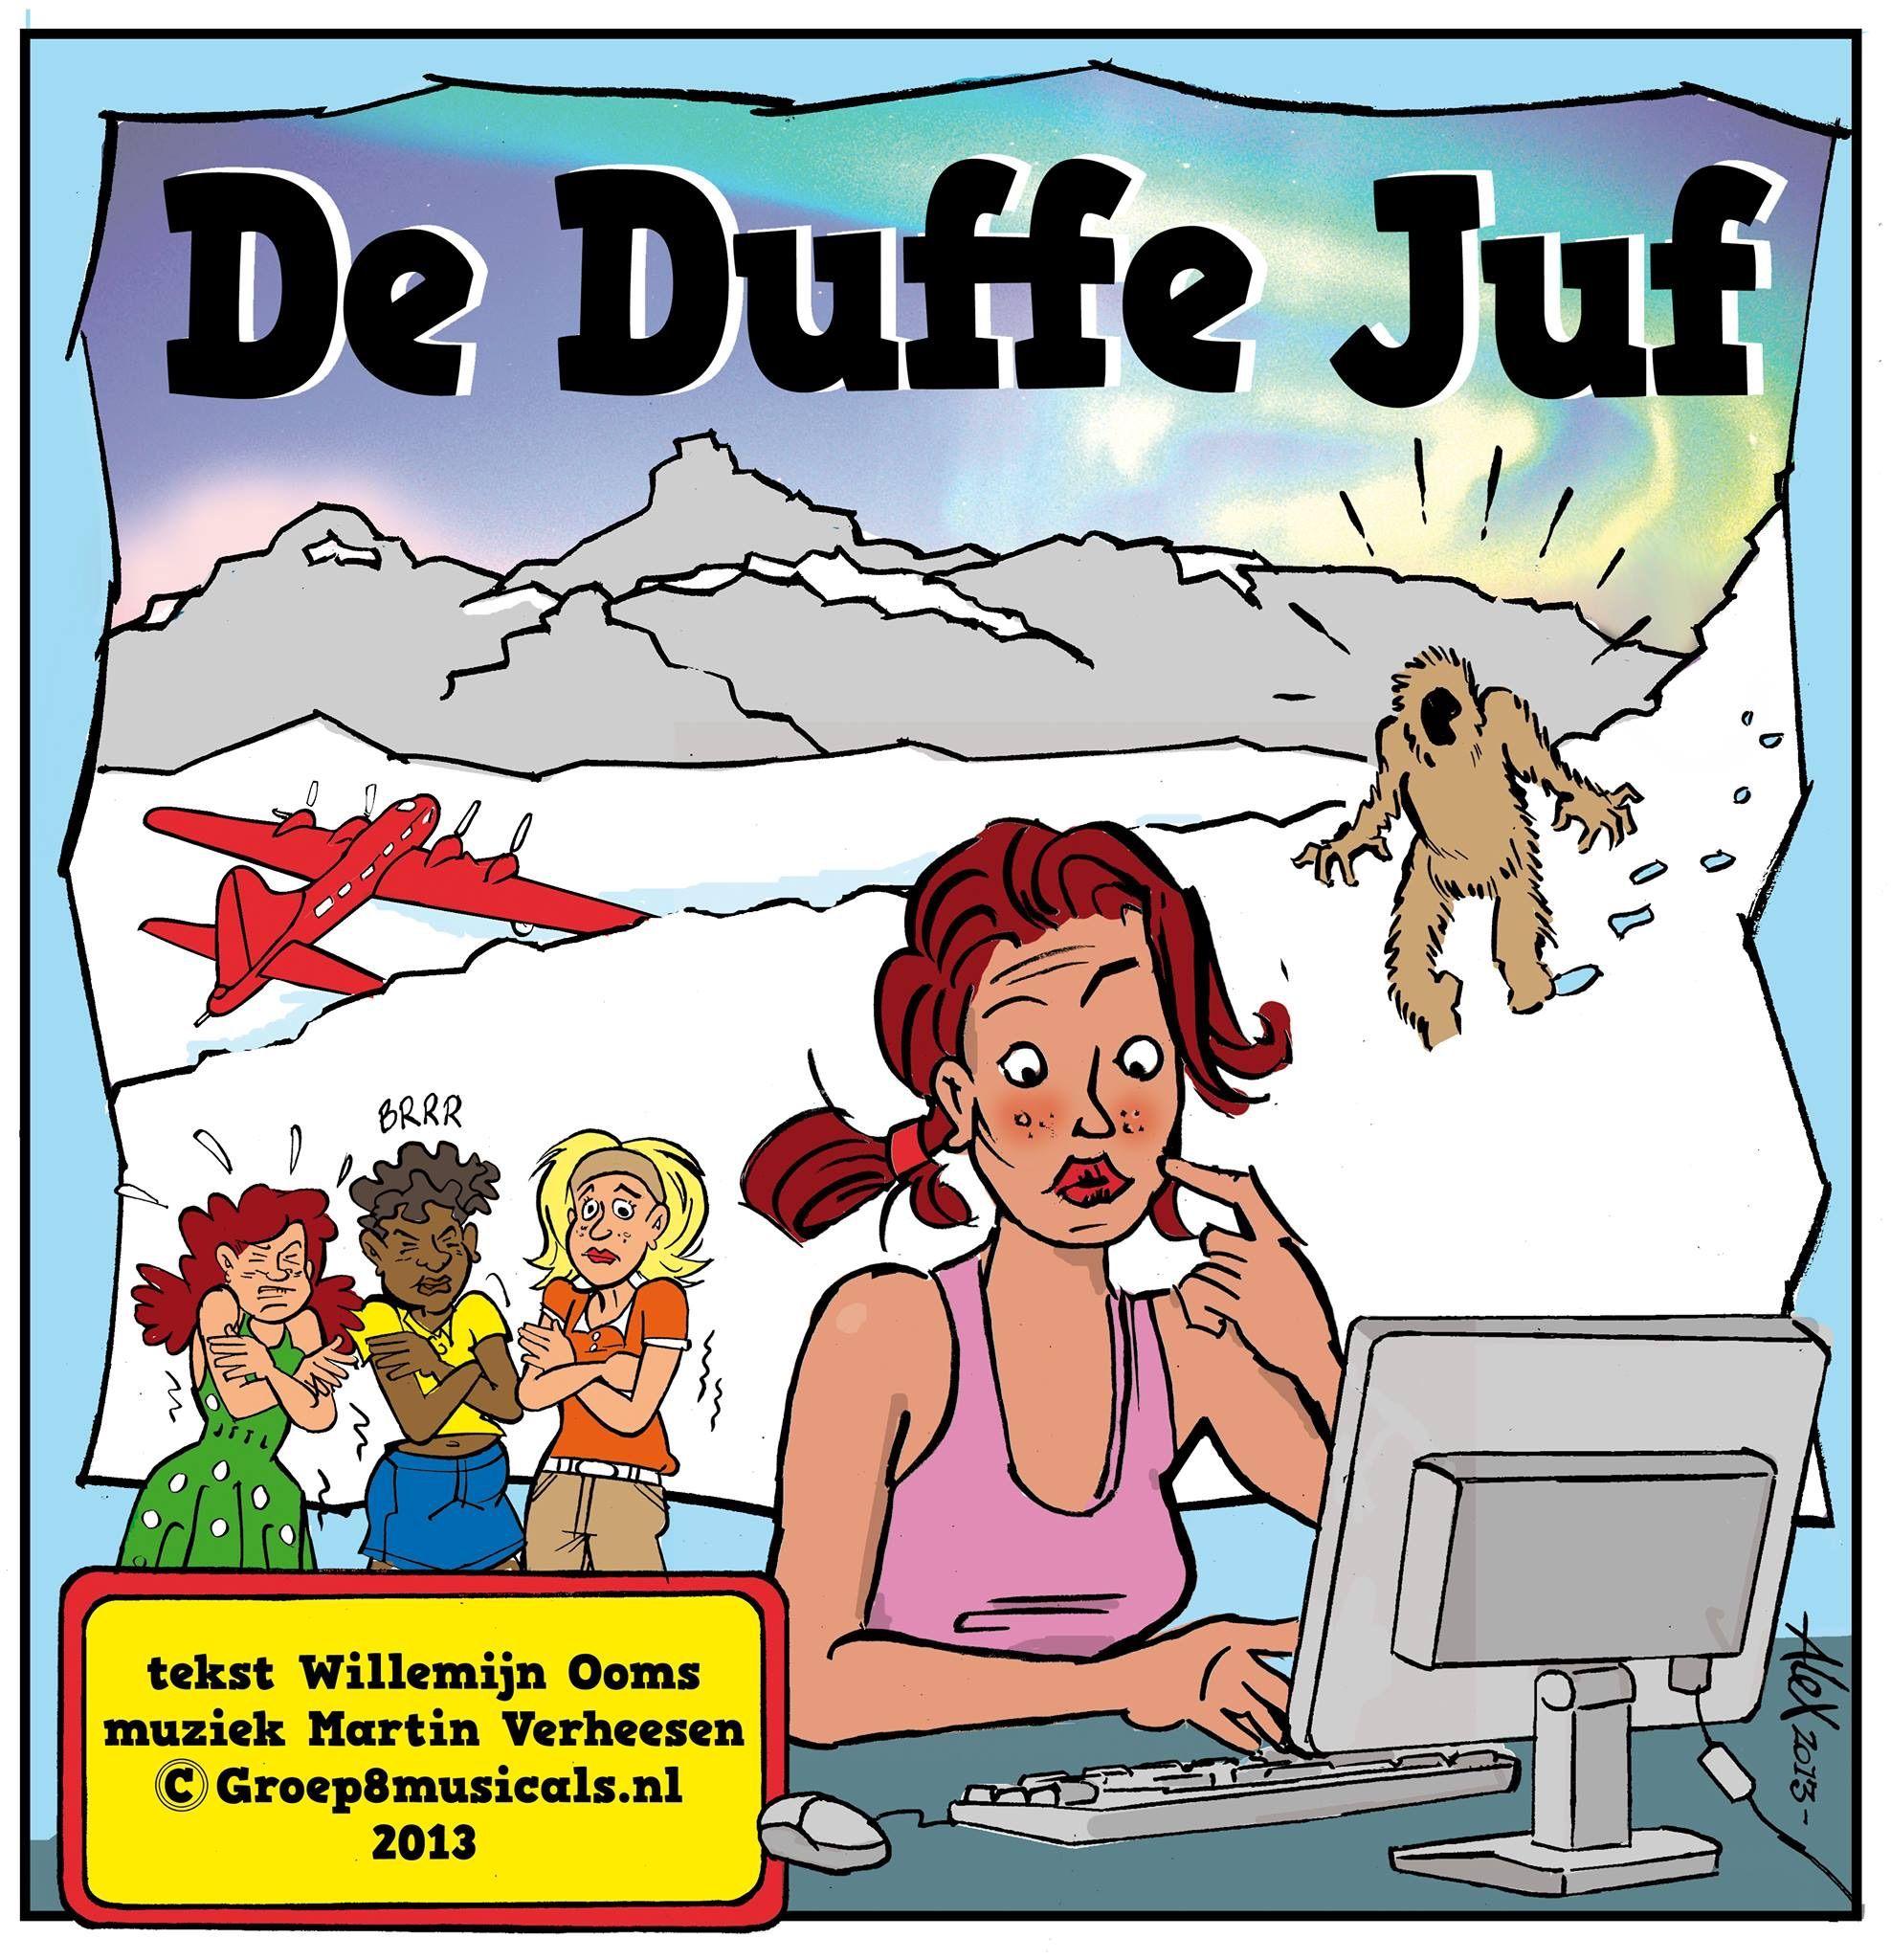 Deze afscheidsmusical is beschikbaar. Kijk op www.groep8musicals.nl en bestel.